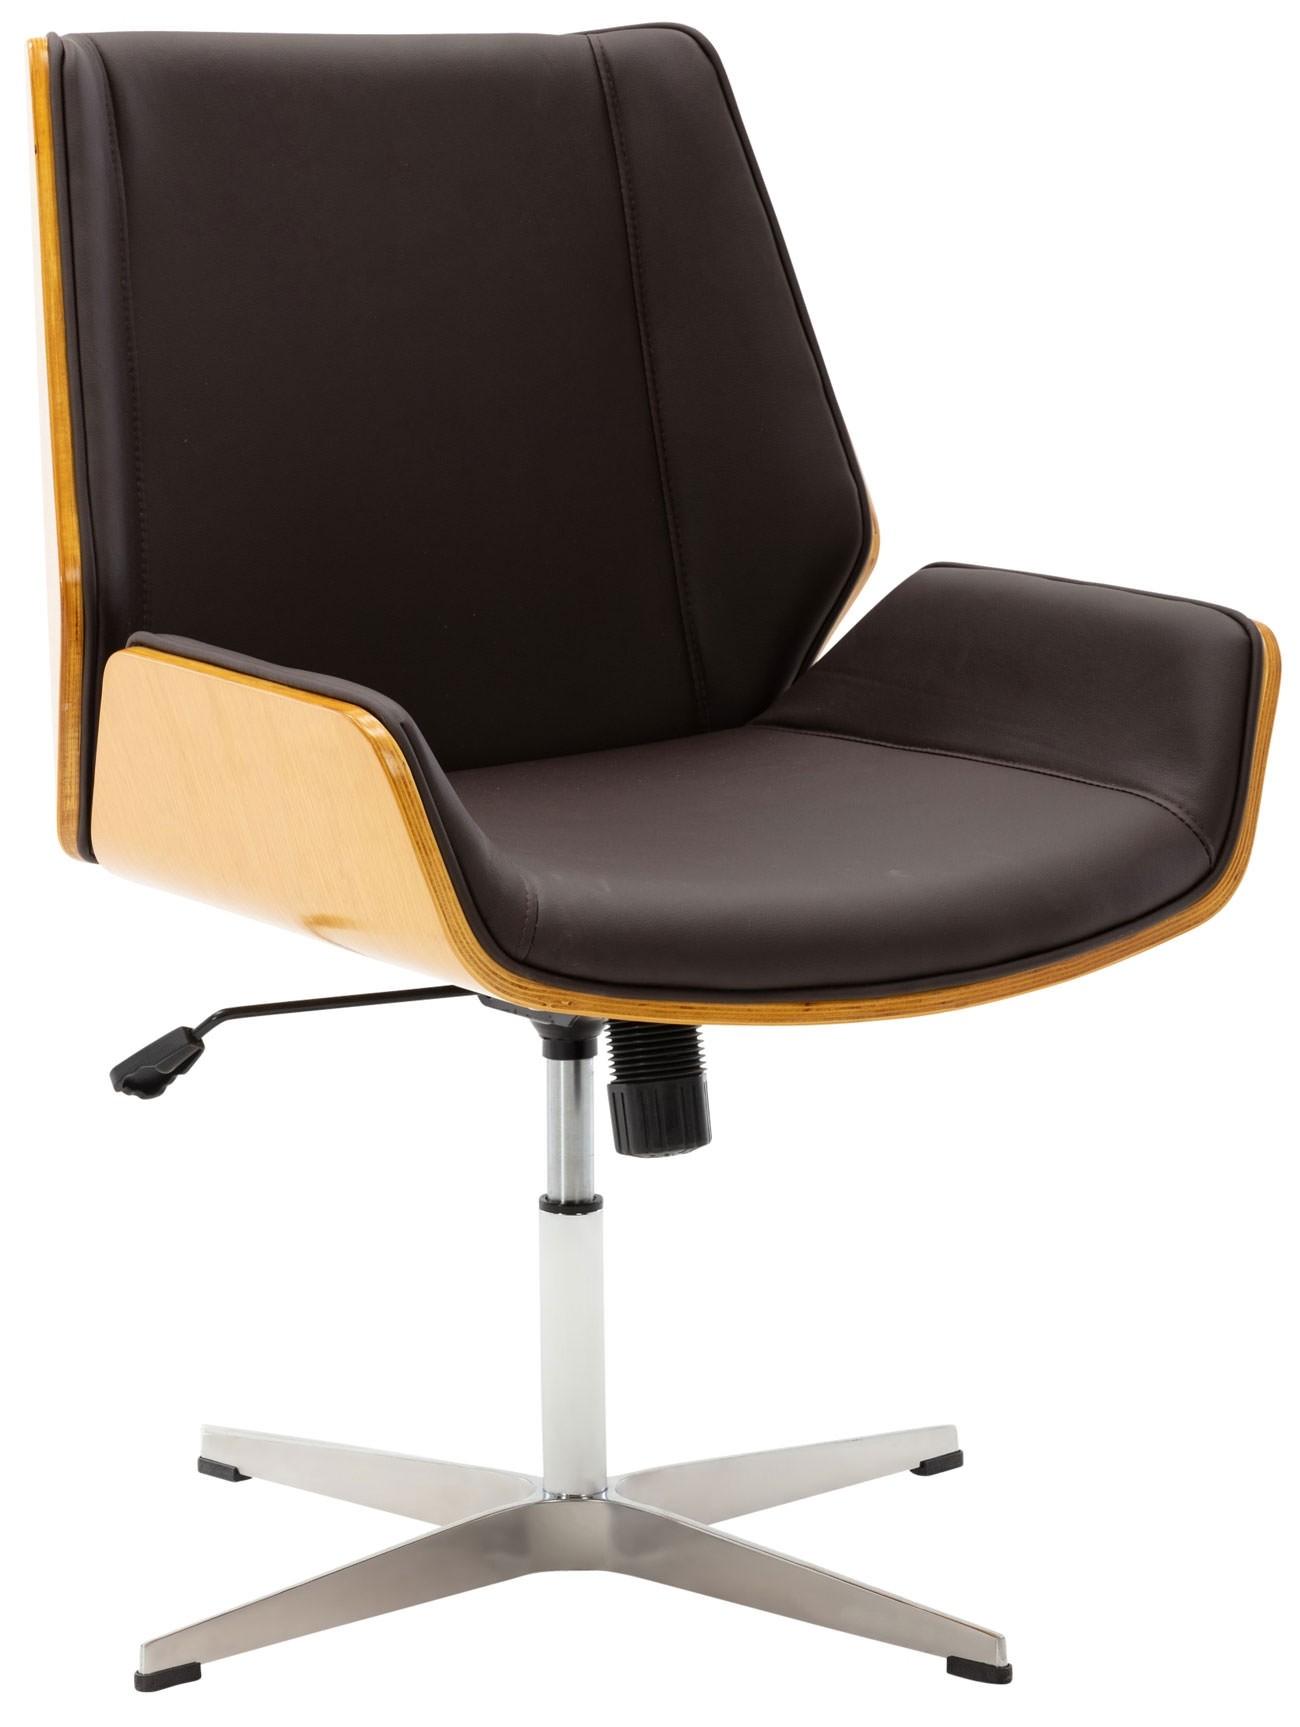 Chaise de visiteur Zwolle en similicuir avec coque de siège en bois